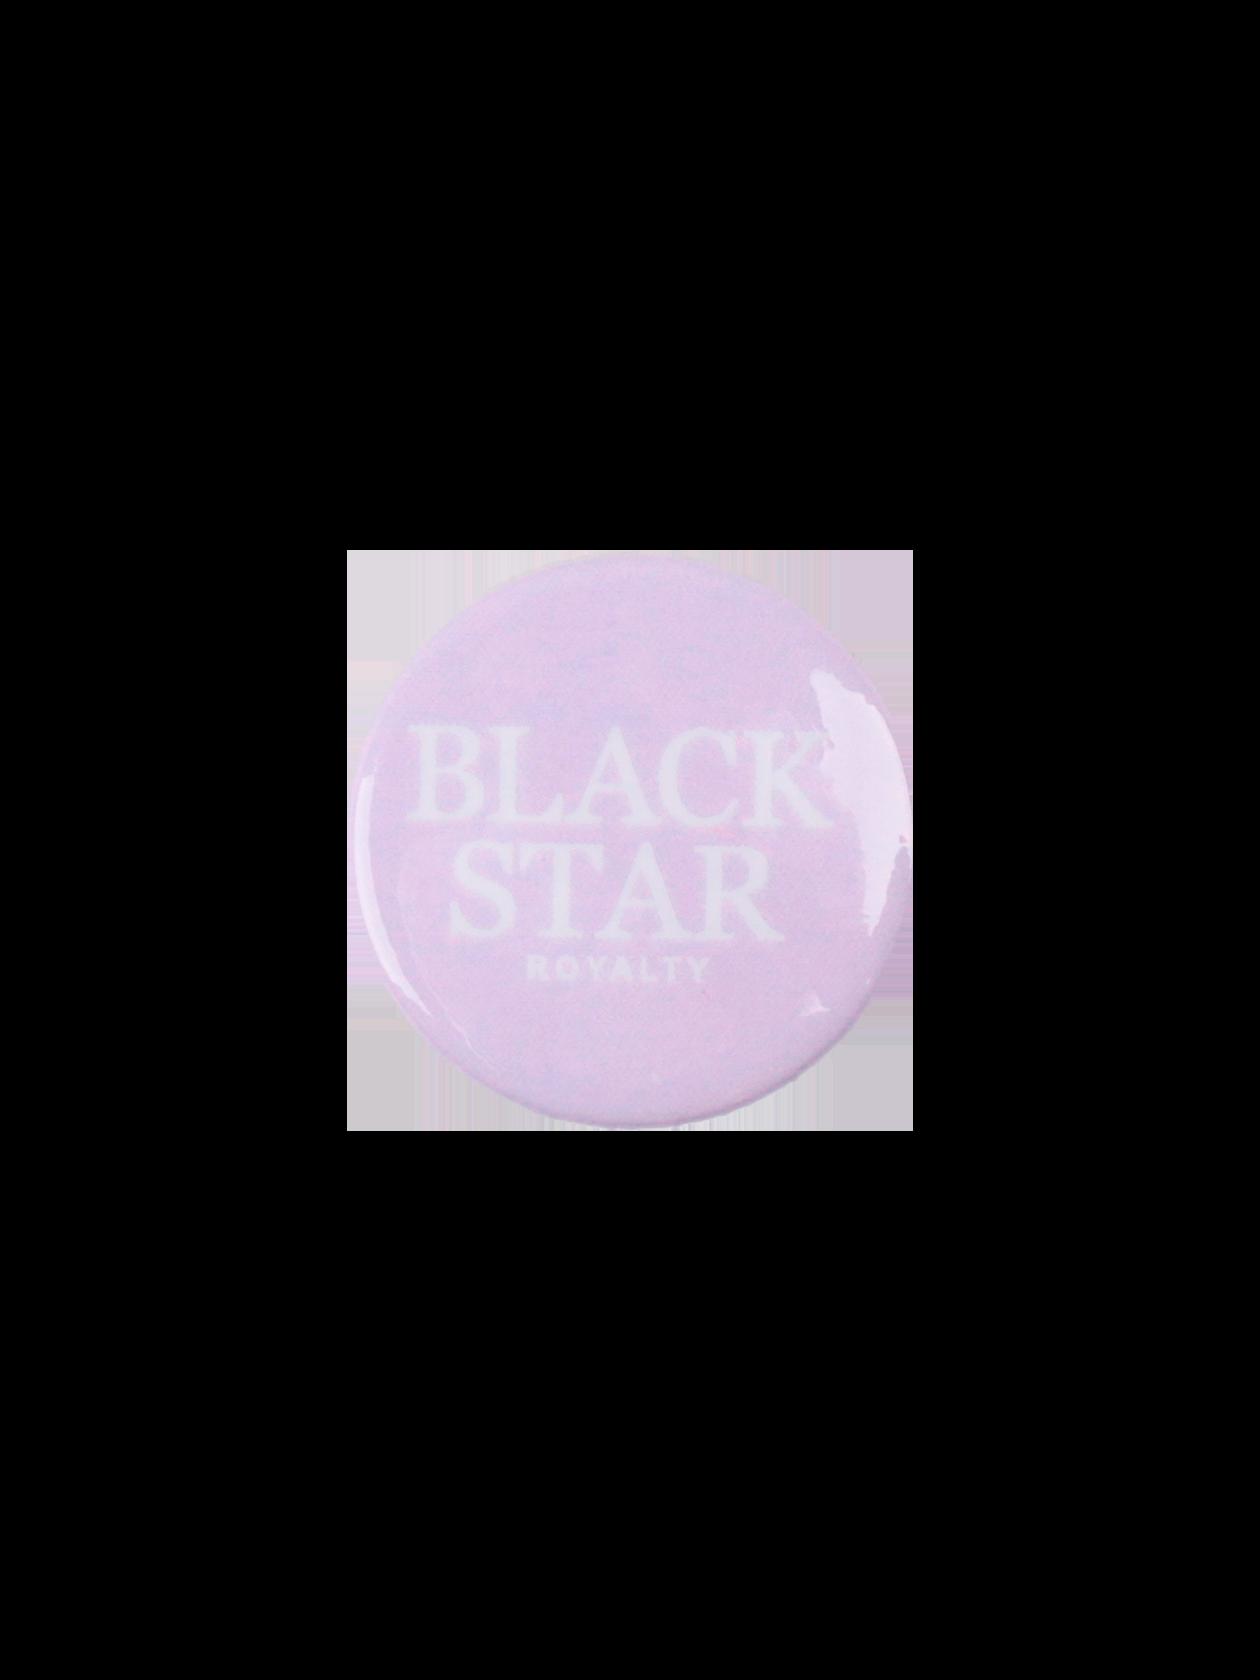 Значок ROYALTY BLACK STARЯркий, стильный значок Royalty Black Star поможет при создании индивидуального лука. Модель идеально подойдет к спортивной и повседневной одежде, сумкам. Аксессуар выполнен из прочного материала с глянцевым покрытием, застегивается на английскую булавку. Изделие небольшой круглой формы с надписью «Black Star Royalty». Значок представлен в трех цветах – ментоловом, черном и розовом. Может использоваться в качестве оригинального подарка.<br><br>Размер: Единый размер<br>Цвет: Сиреневый<br>Пол: Унисекс